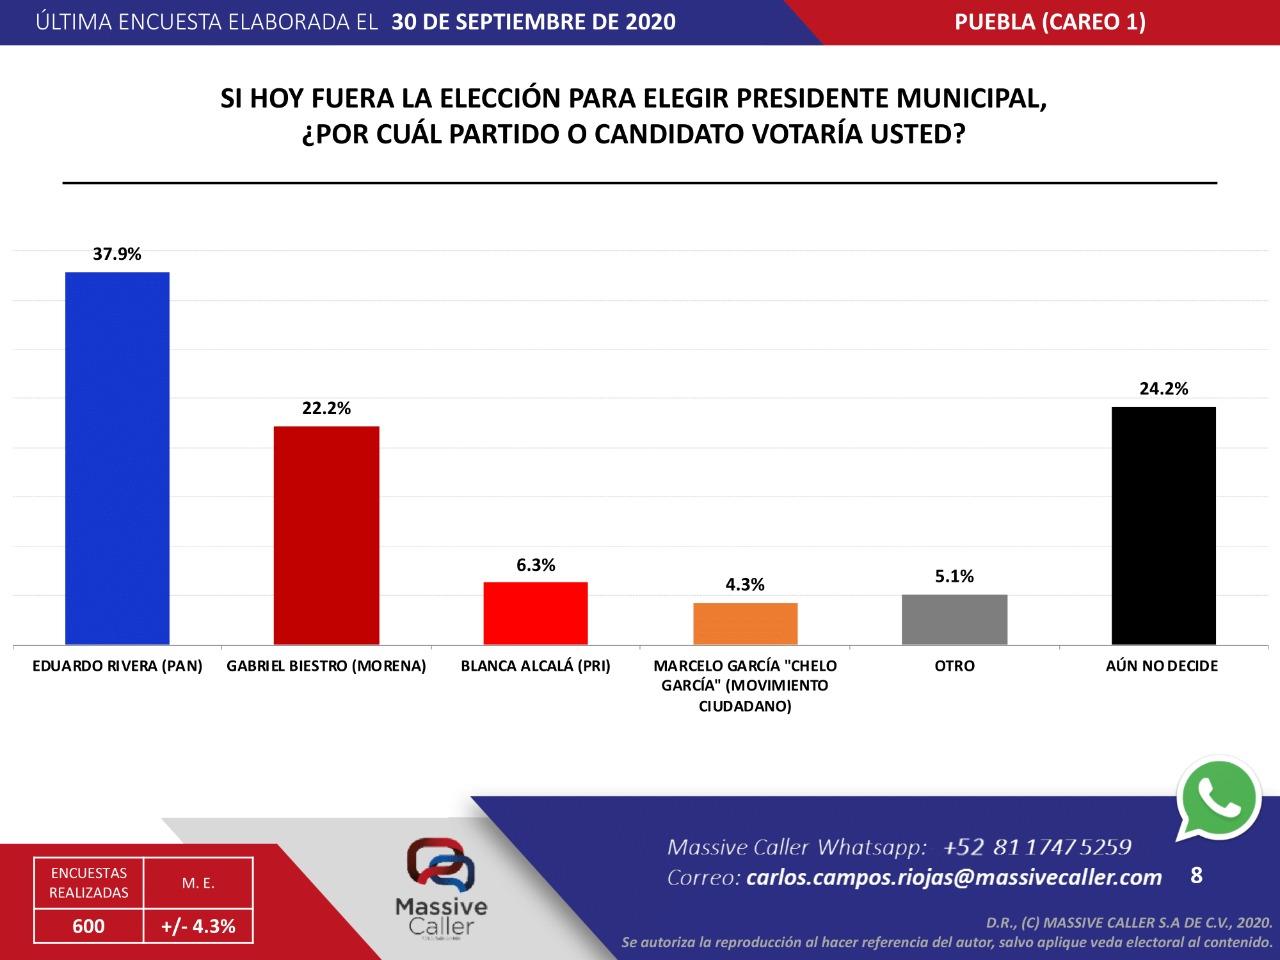 Lalo Rivera supera en preferencias a Morena y PRI rumbo a la alcaldía: Massive Caller